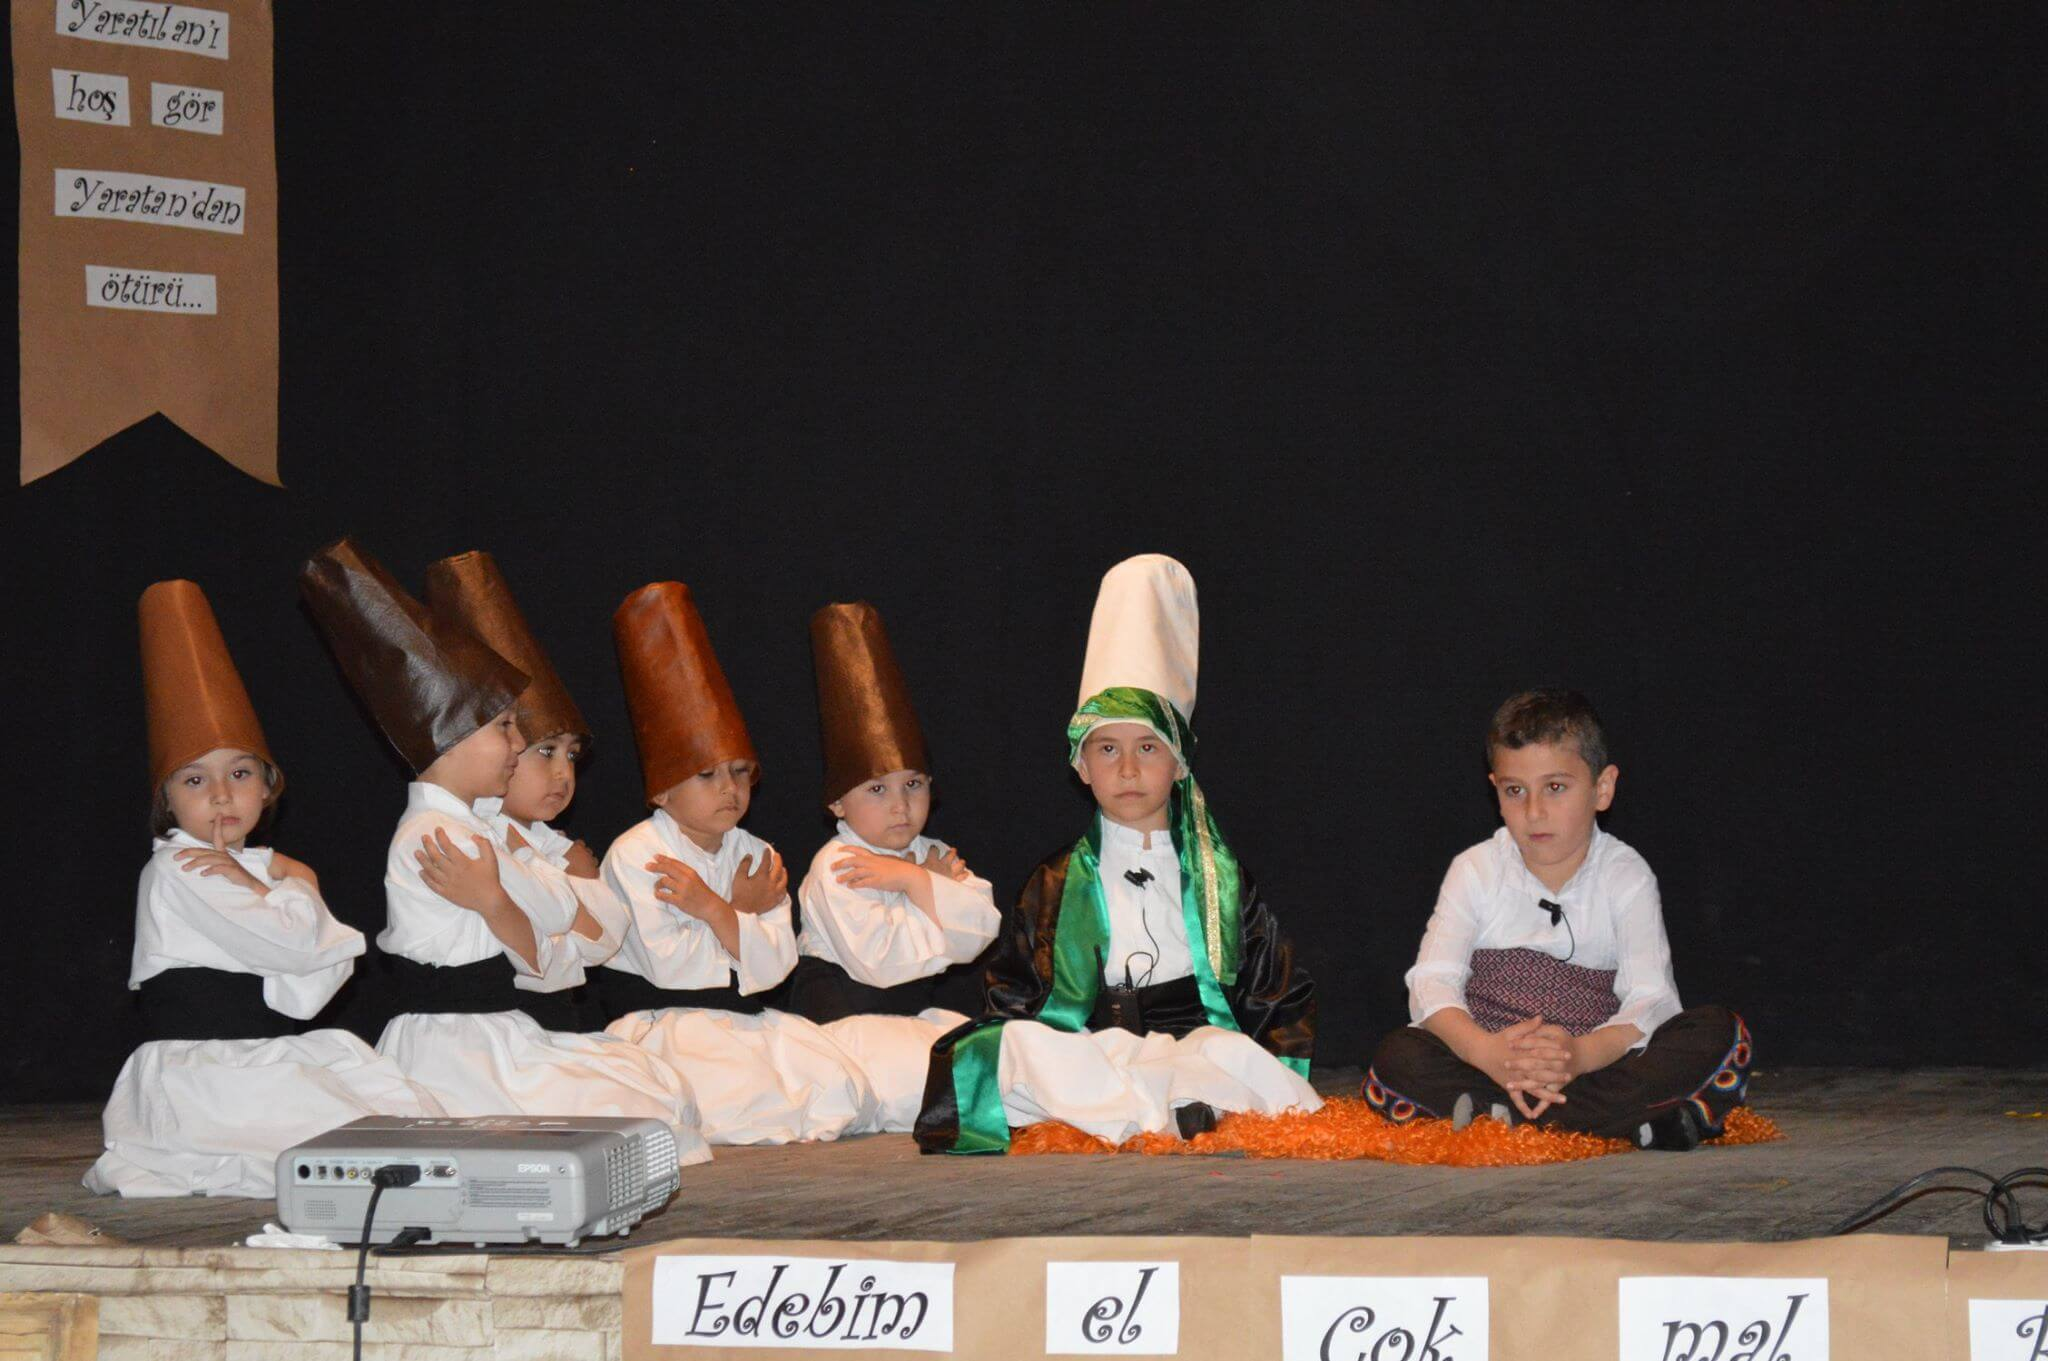 Yunus Emre Kültür ve Sanat Haftası kapsamında ilçemiz Yunus Emre Anaokulu Öğrencileri Tarafından Hazırlanan Kutlama Programı Sivrihisar Belediye Başkanımız Hamid Yüzügüllü'nün Katılımı İle Gerçekleşti